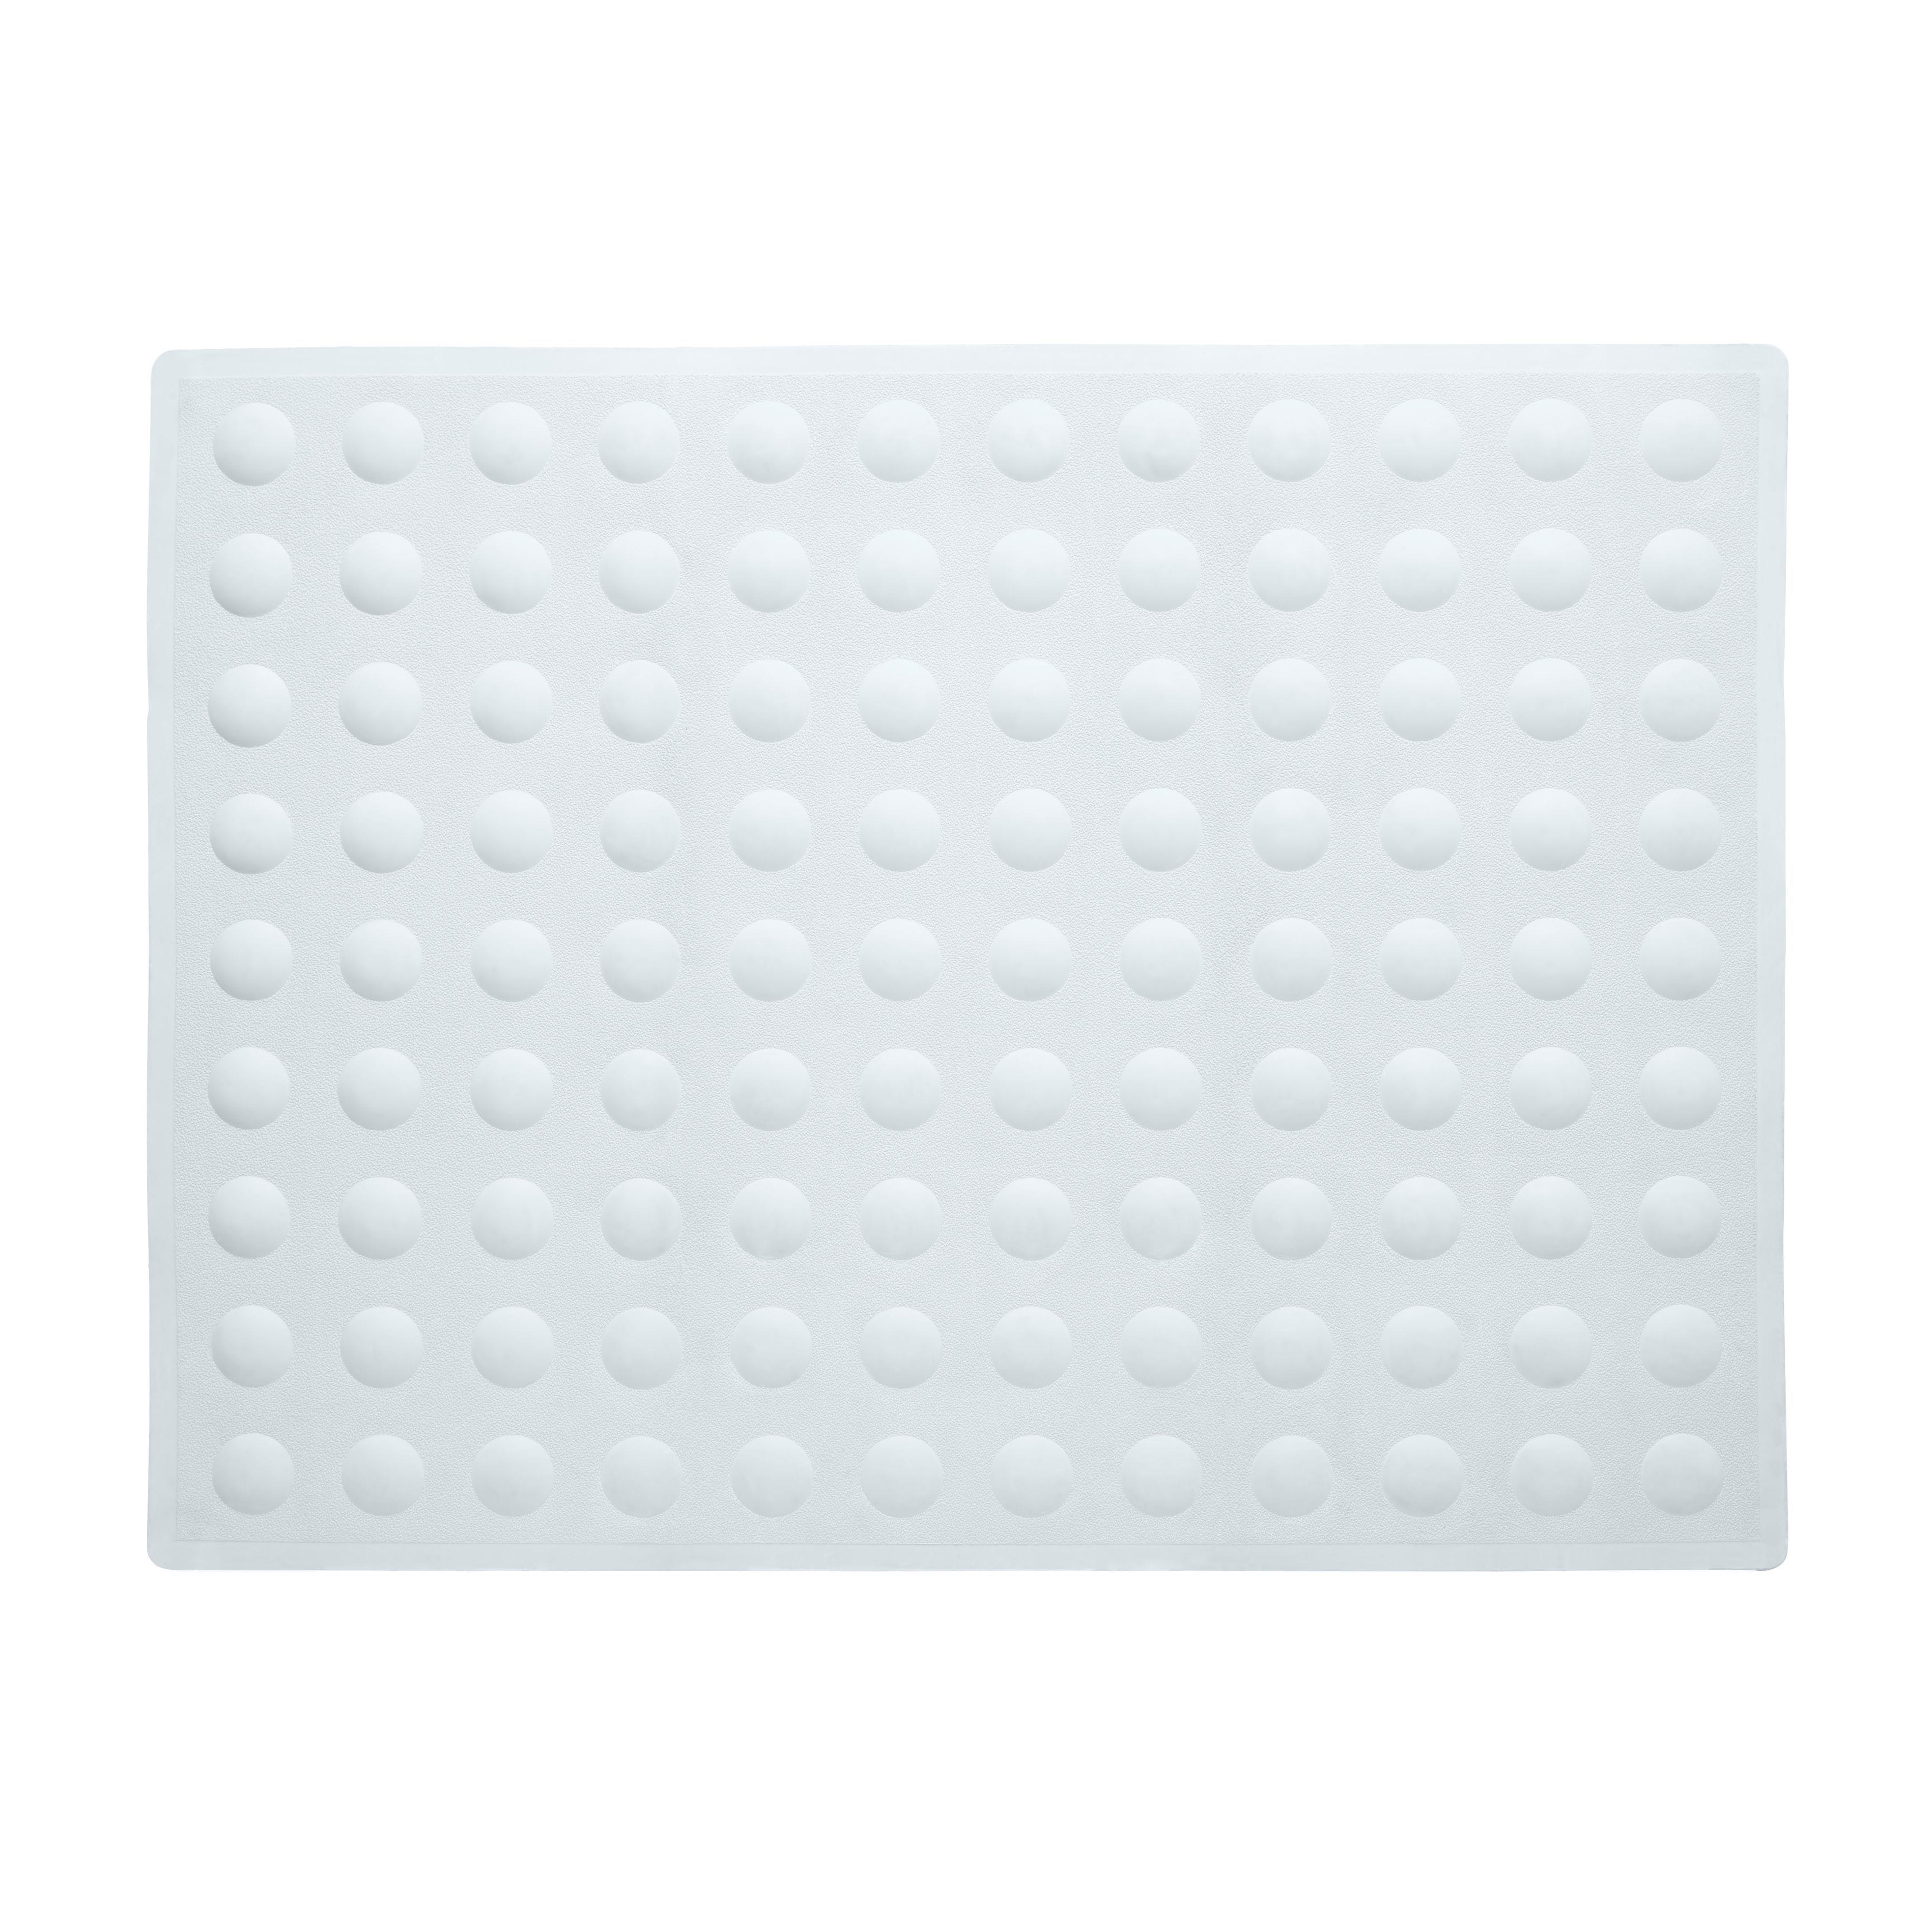 B&q White Rubber Anti-slip Bath Mat (l)570mm (w)430mm